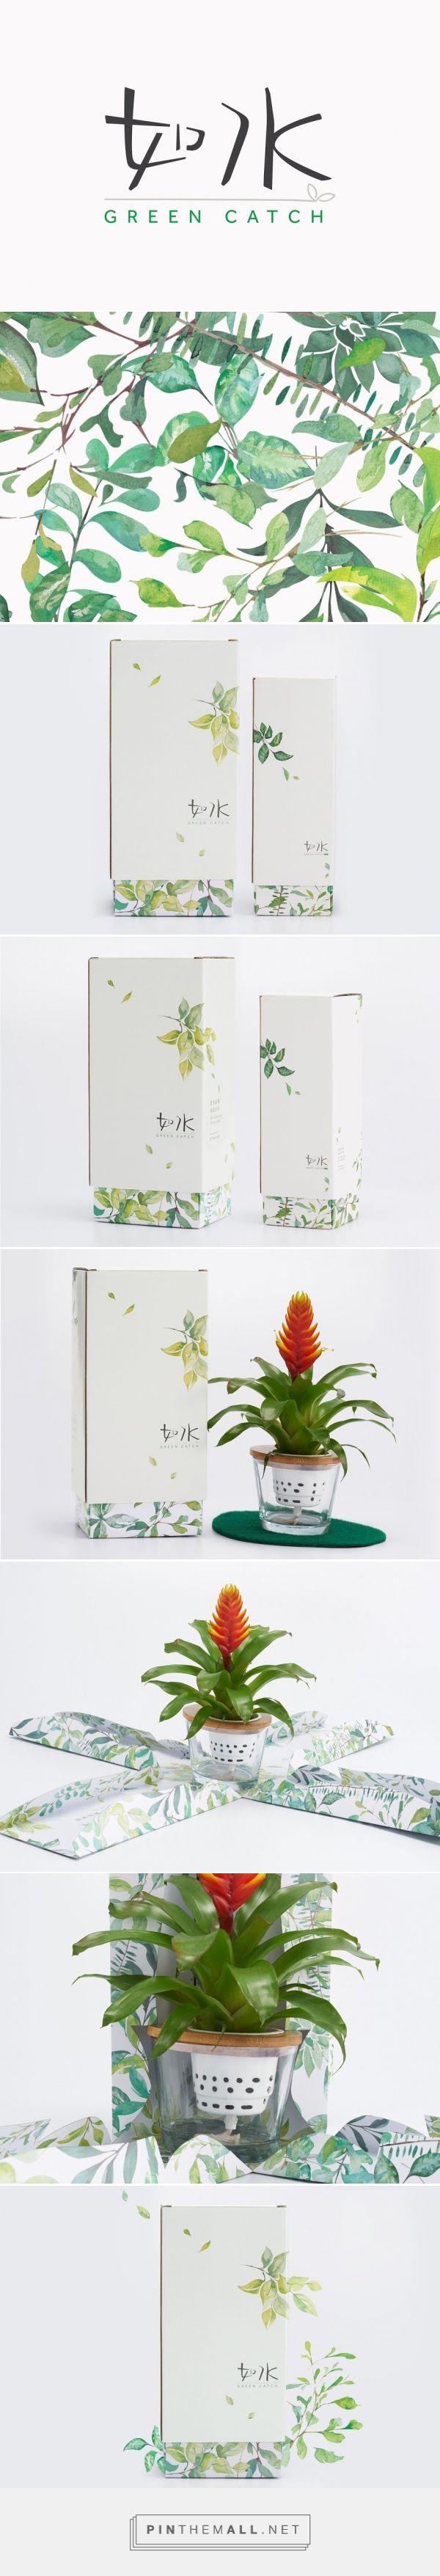 Green Catch plants packaging design by Box Brand Design (Hong Kong) - http://www.packagingoftheworld.com/2016/05/green-catch.html